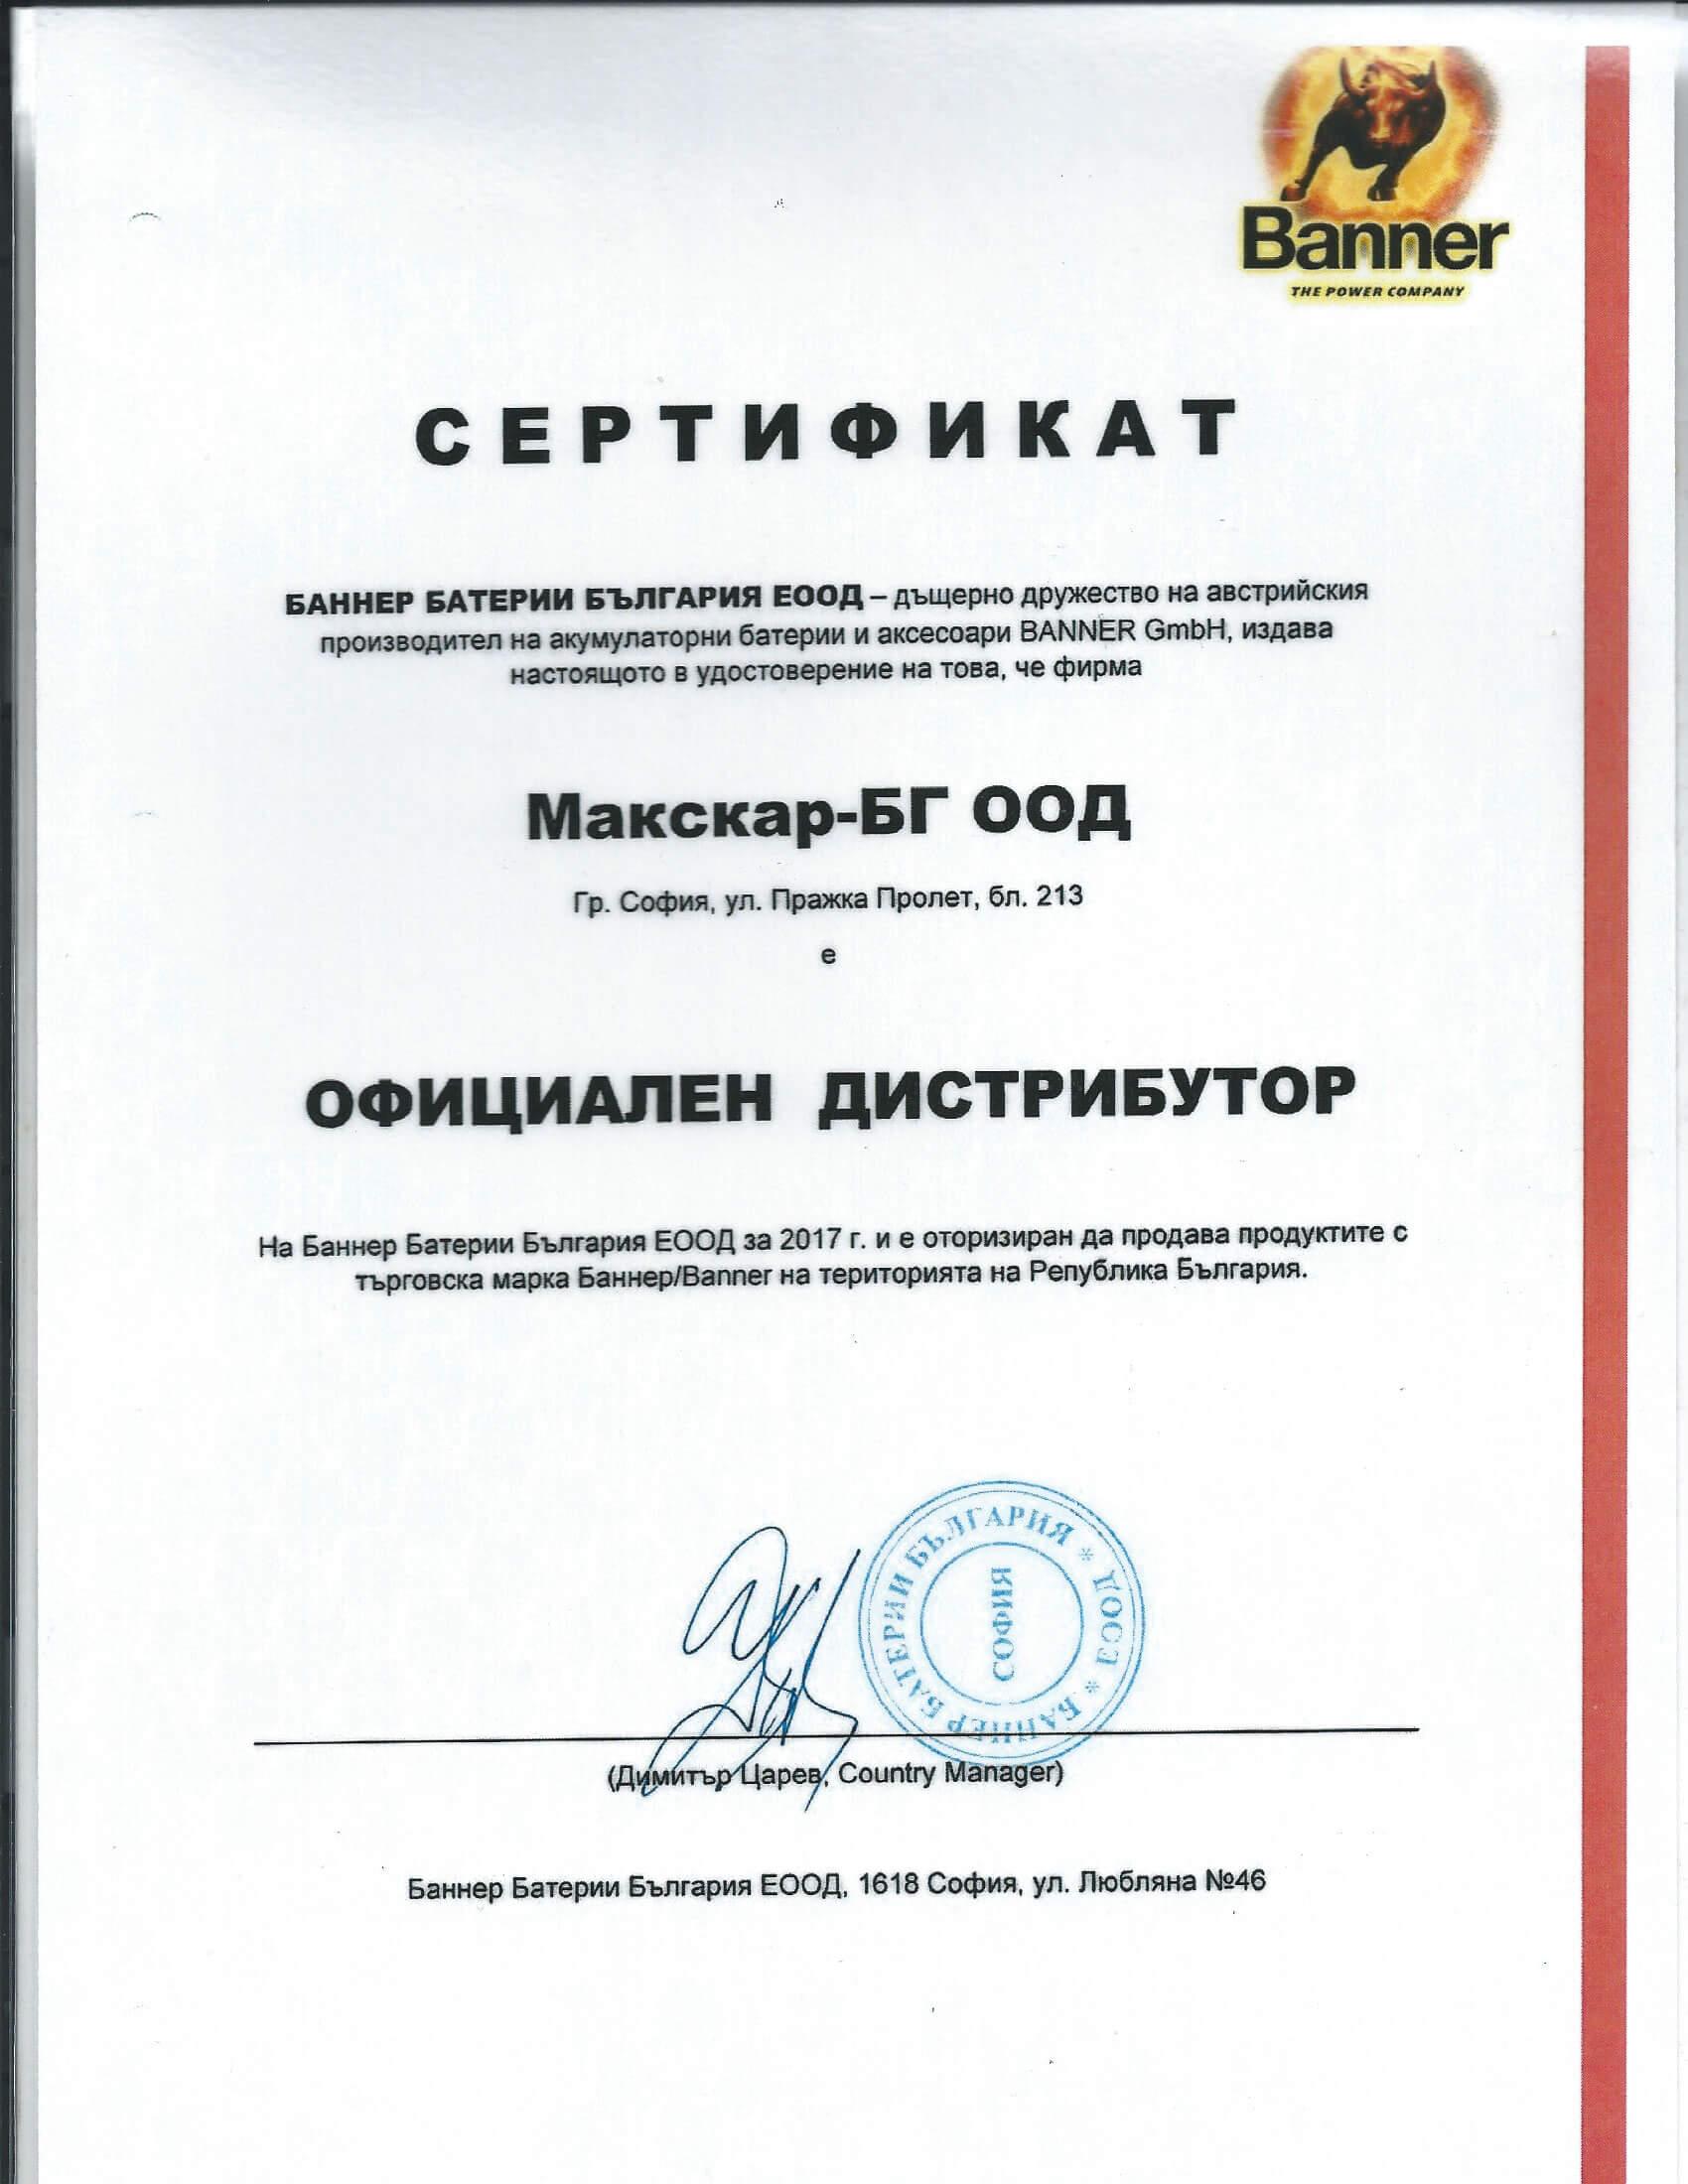 Сертификат Банер